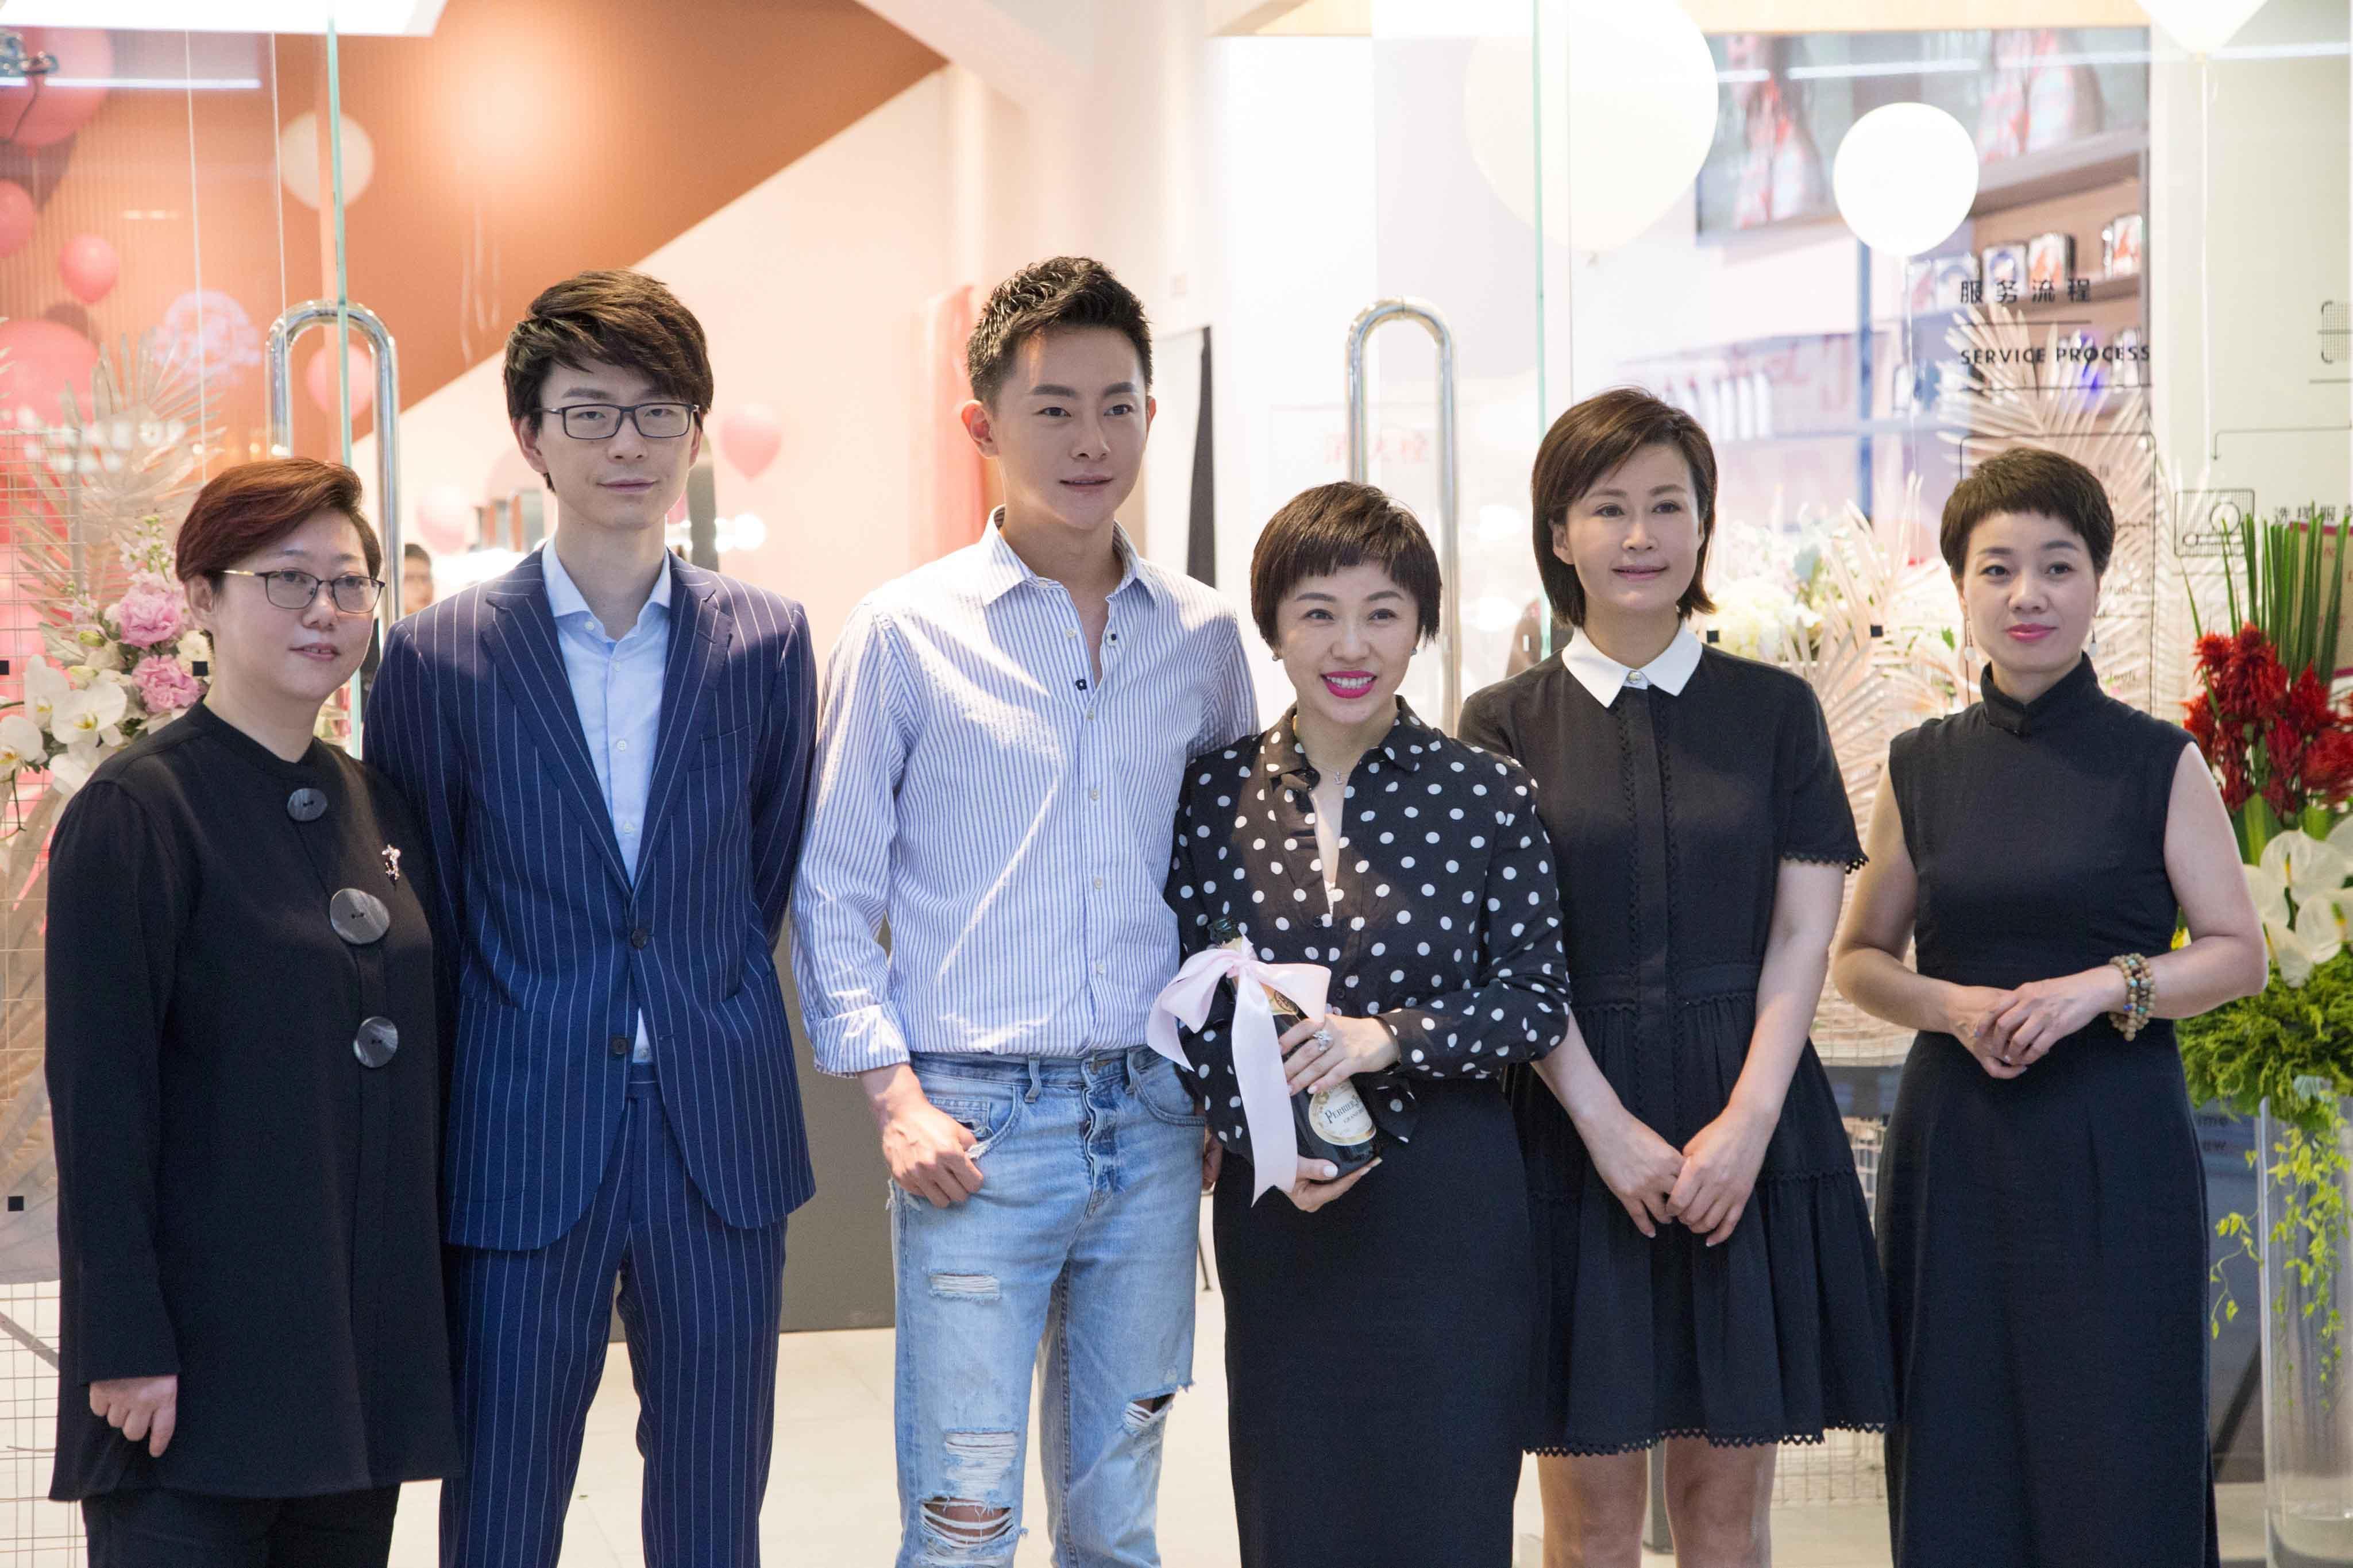 张皓然实力助阵岳晓琳诠释娱乐圈正能量姐弟情深